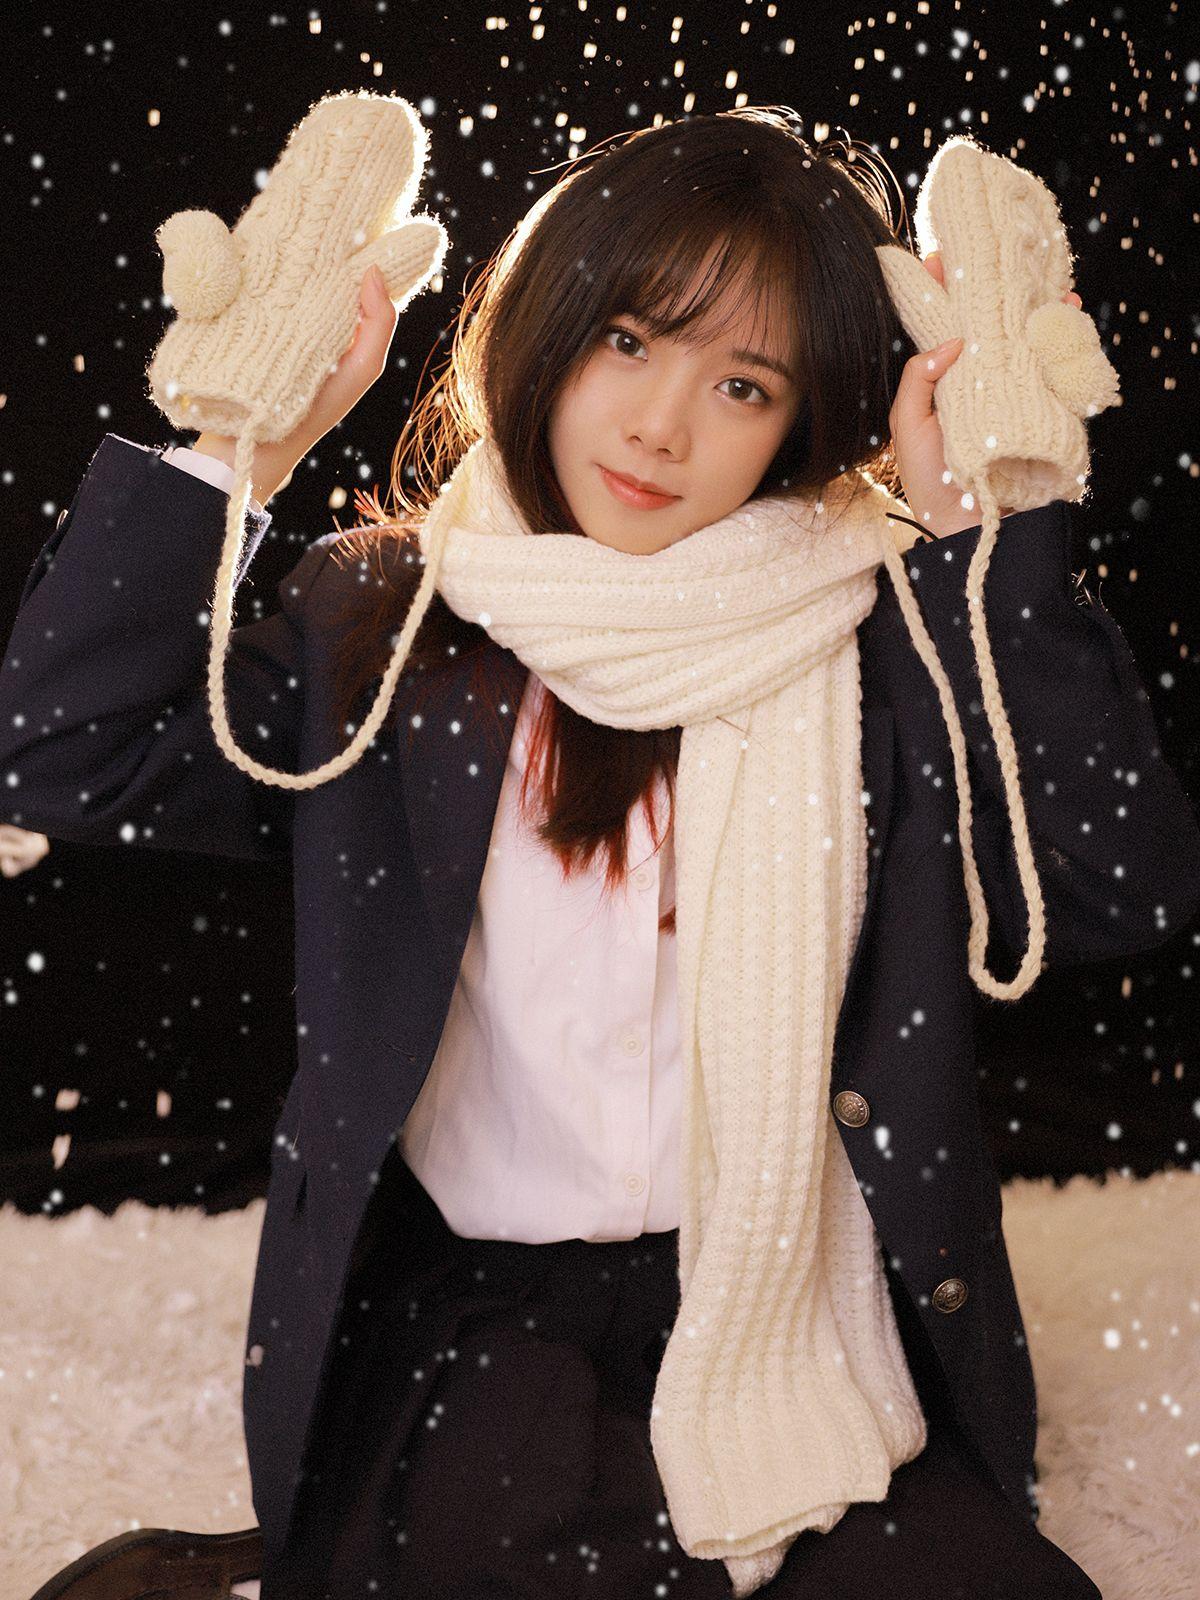 今年的第一場初雪,可以玩雪真高興 #制服美少女 #瀏海》#Cute #Girl #Pretty #Girls #漂亮 #可愛 #青春活力